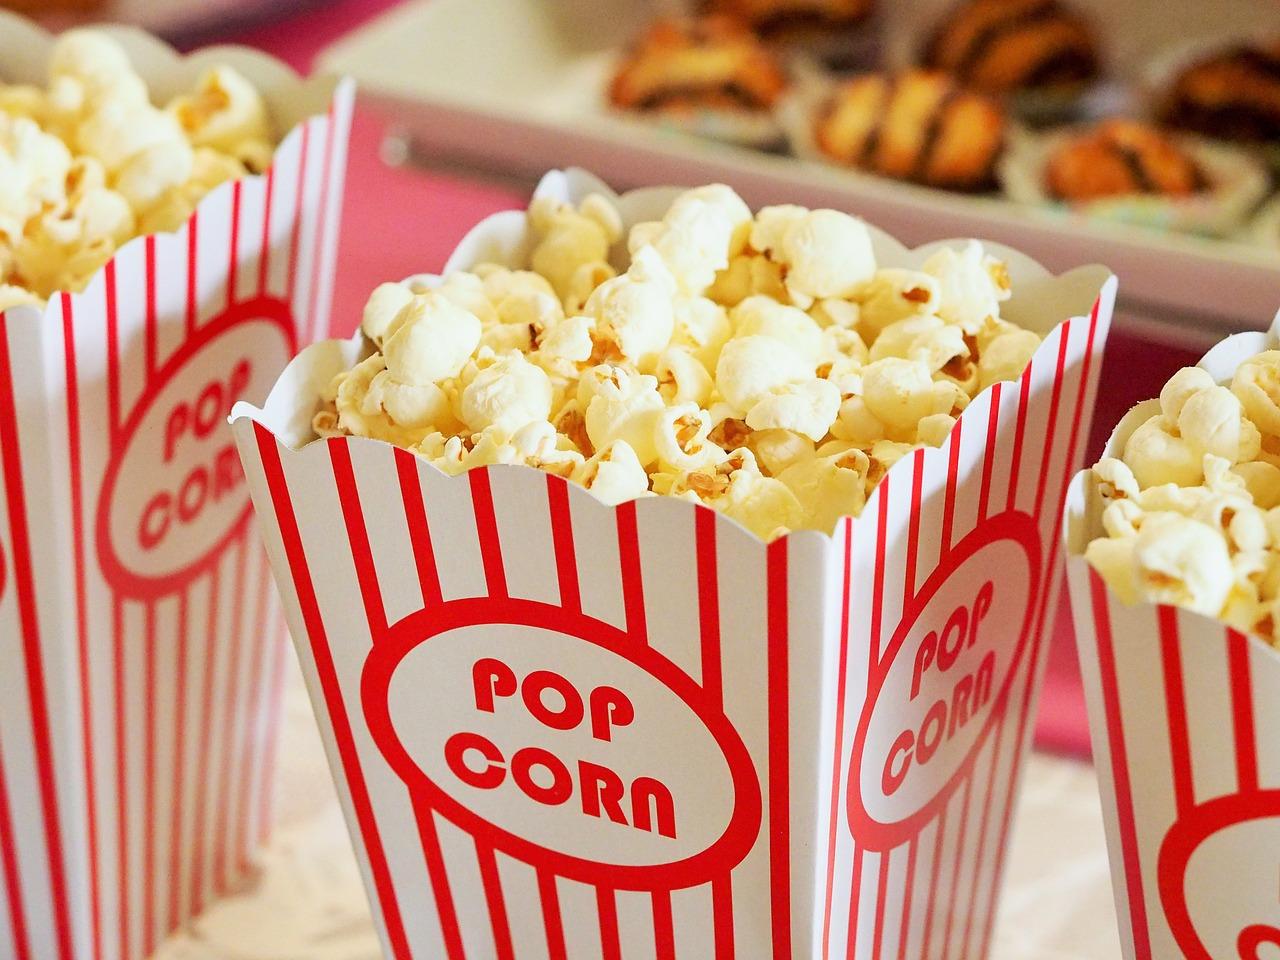 a full bucket of popcorn